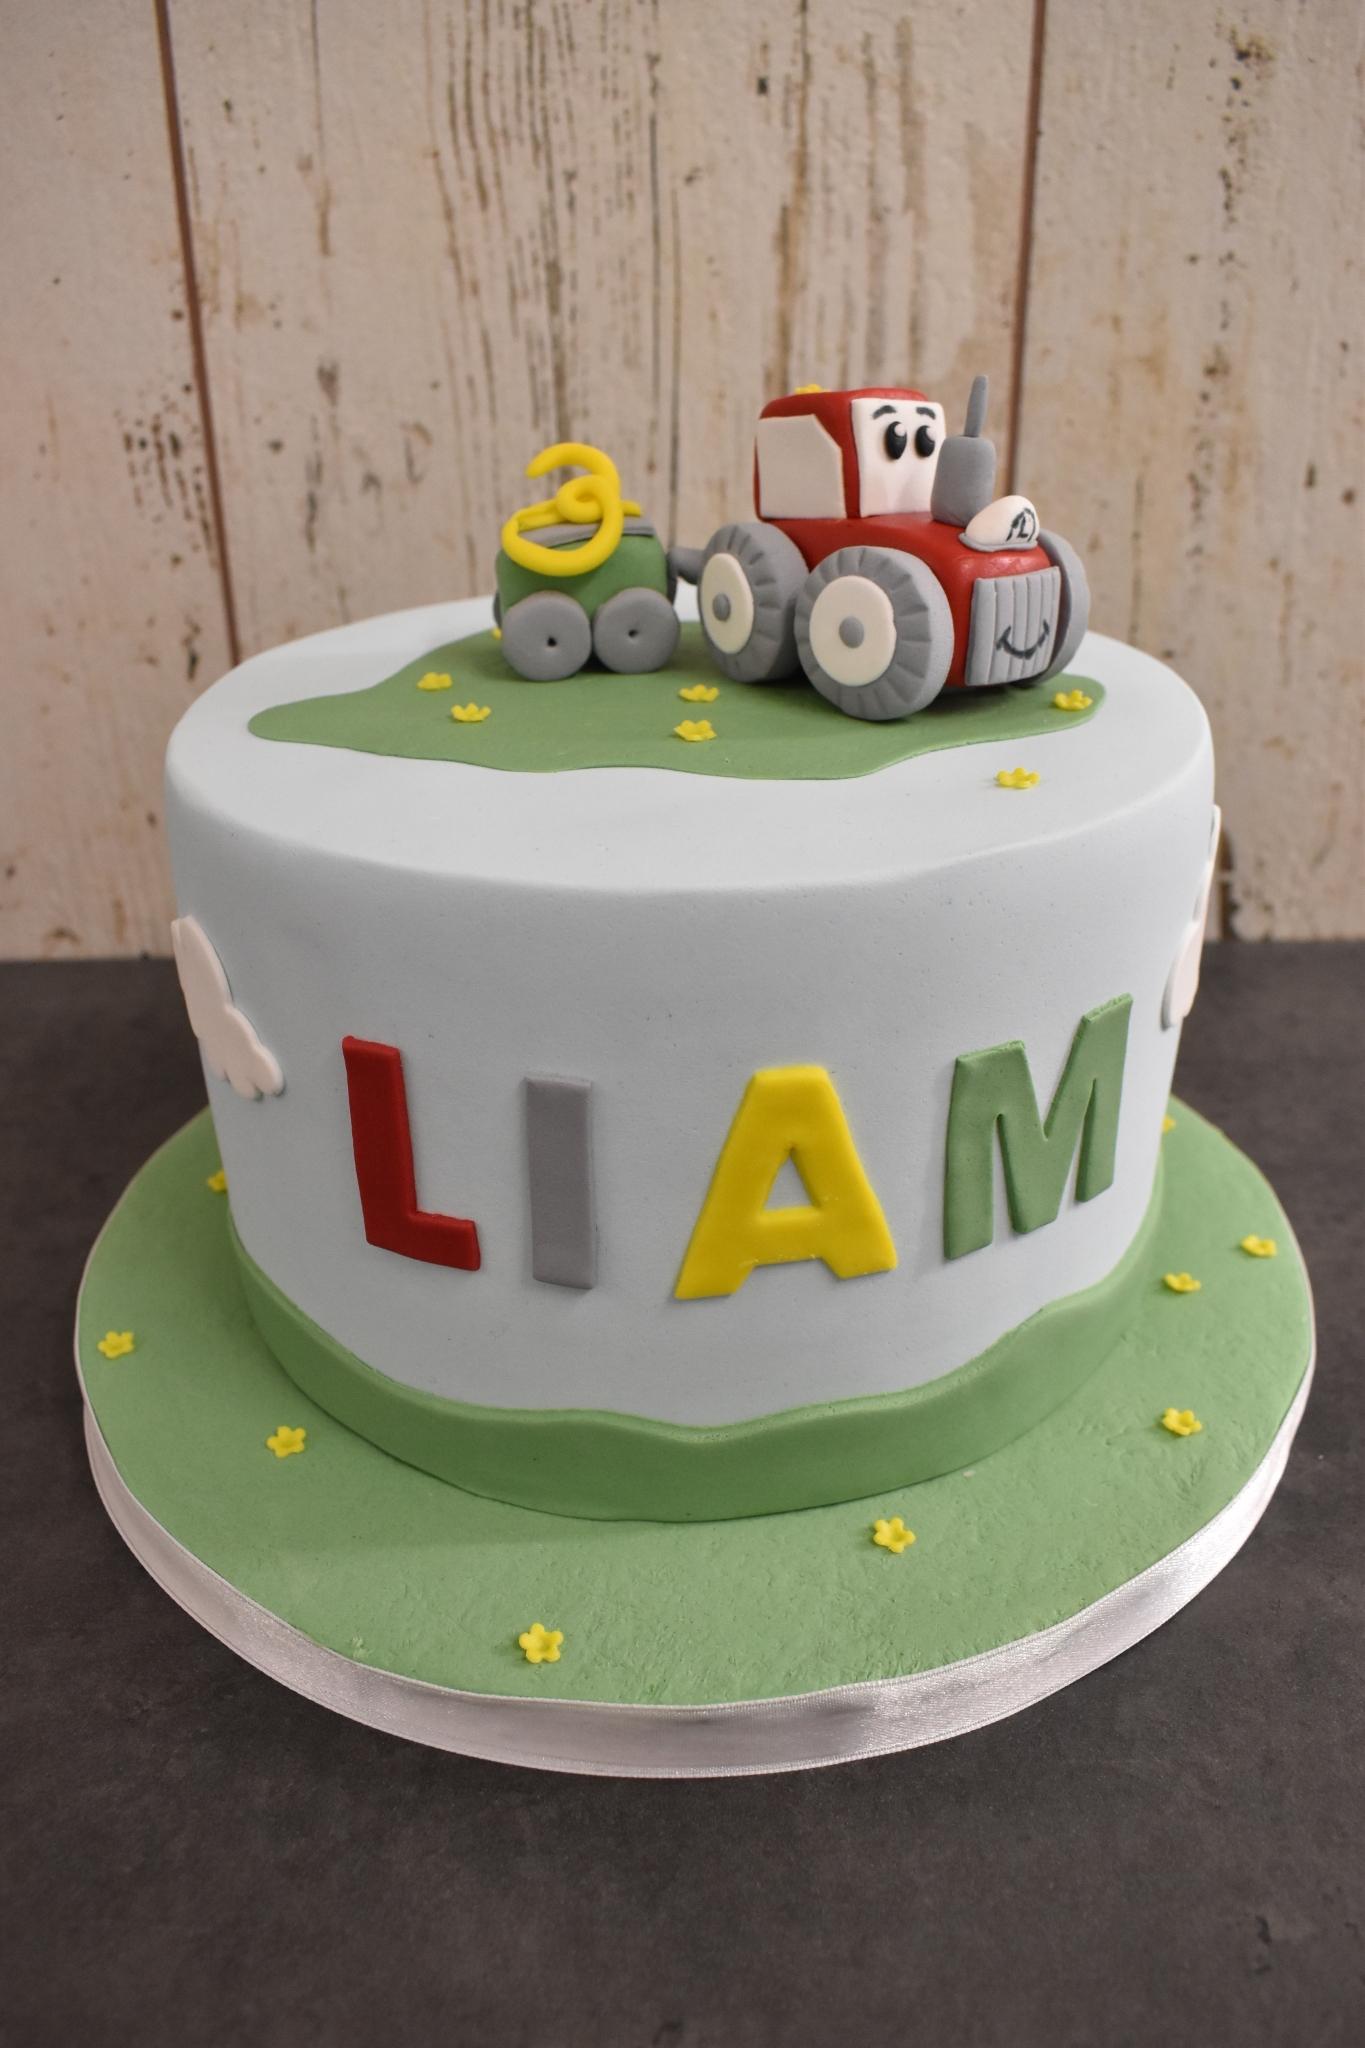 Traktor Liam